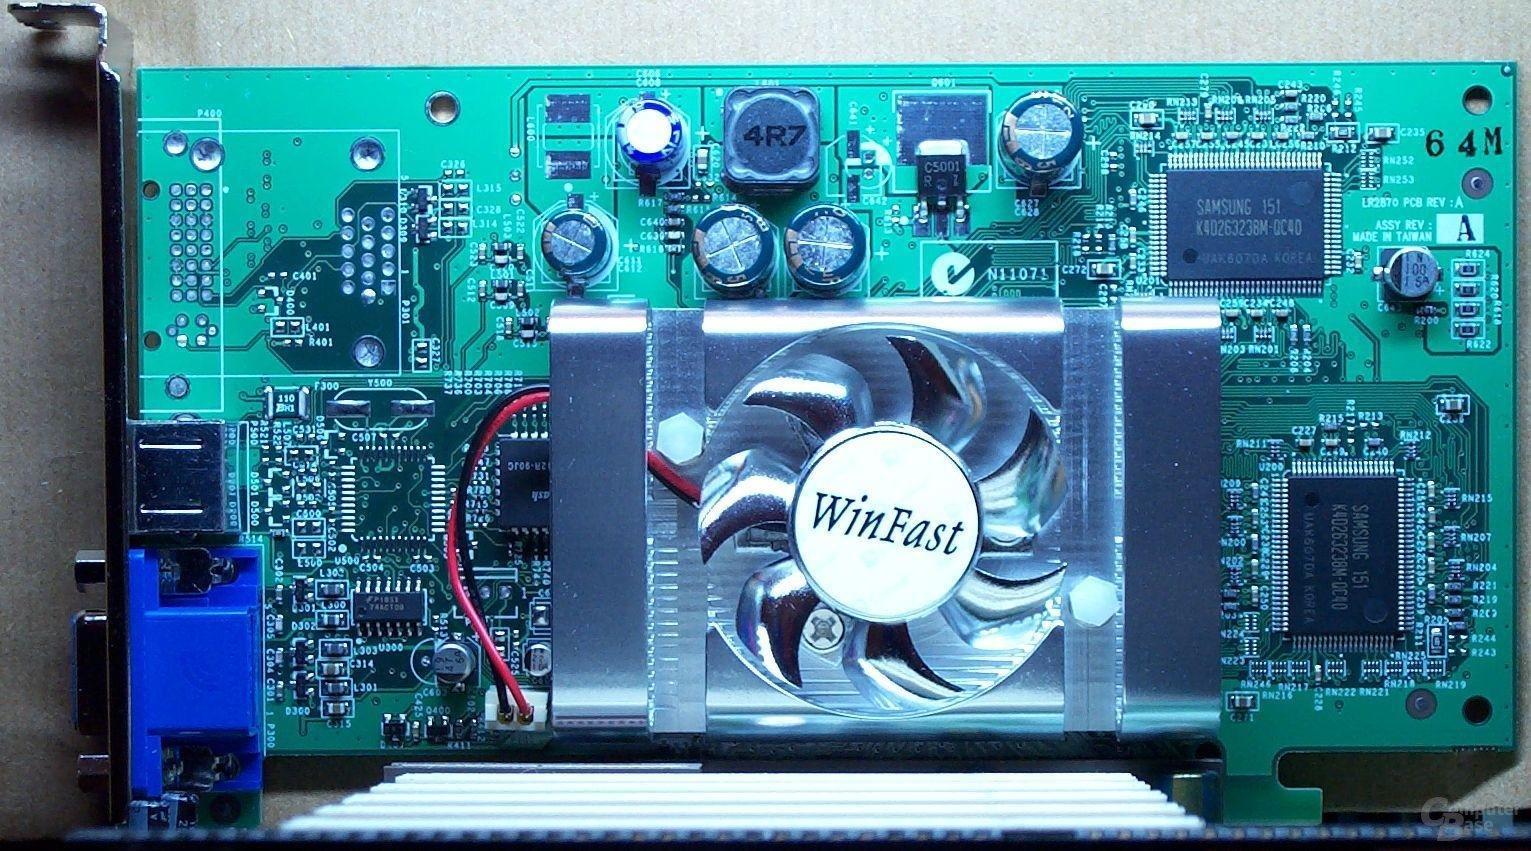 Leadtek WinFast A170 DDR T